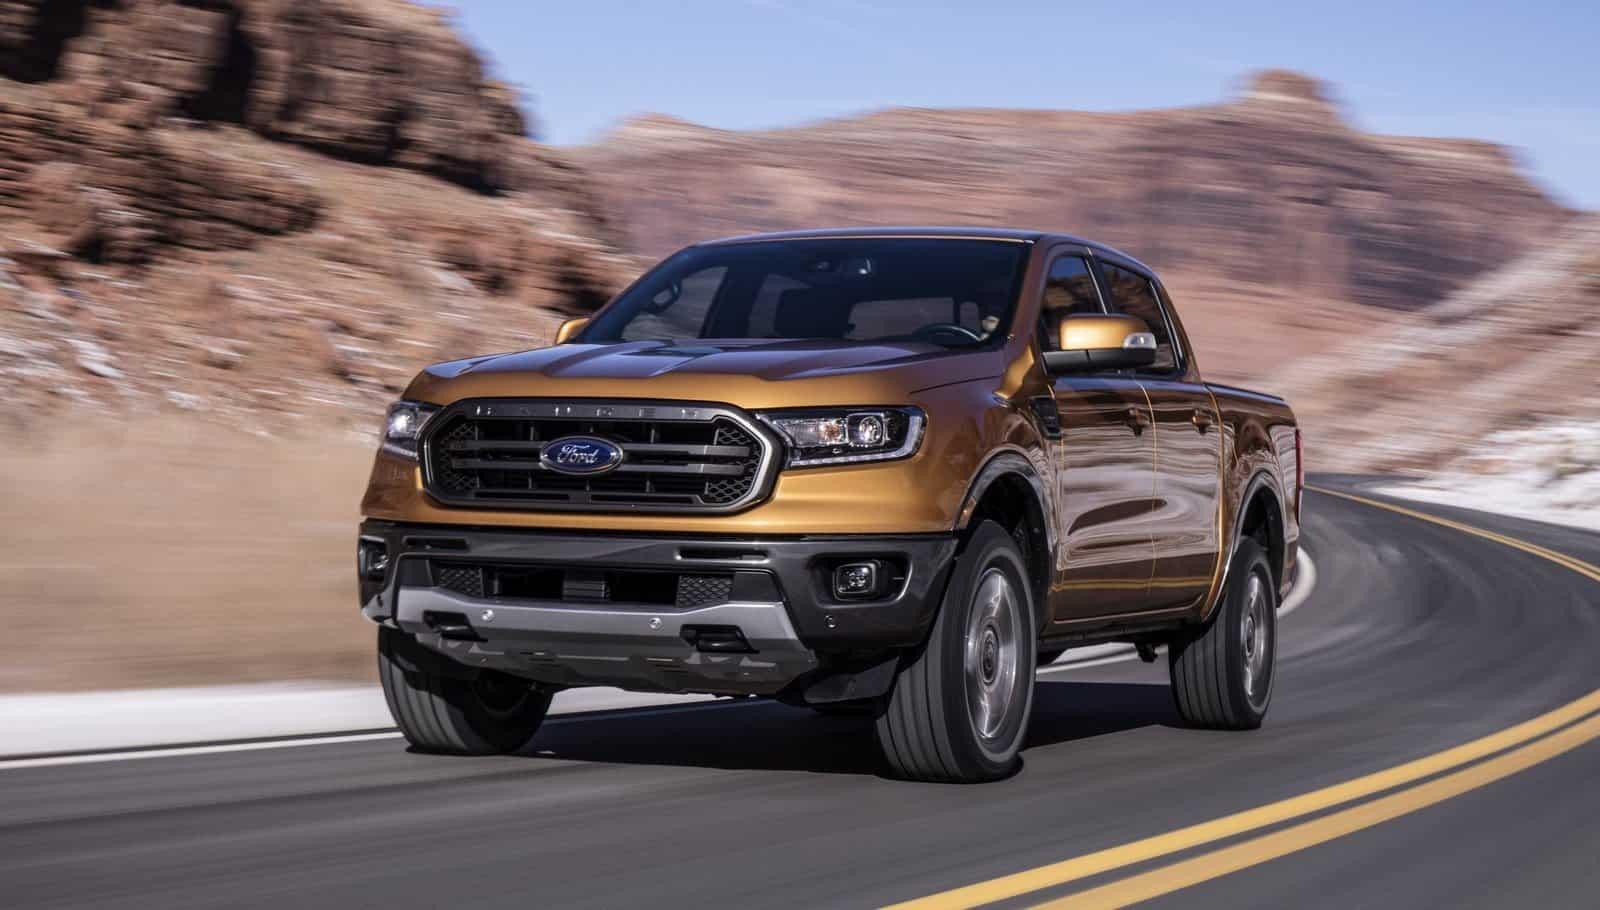 xe ford ranger 2019 15